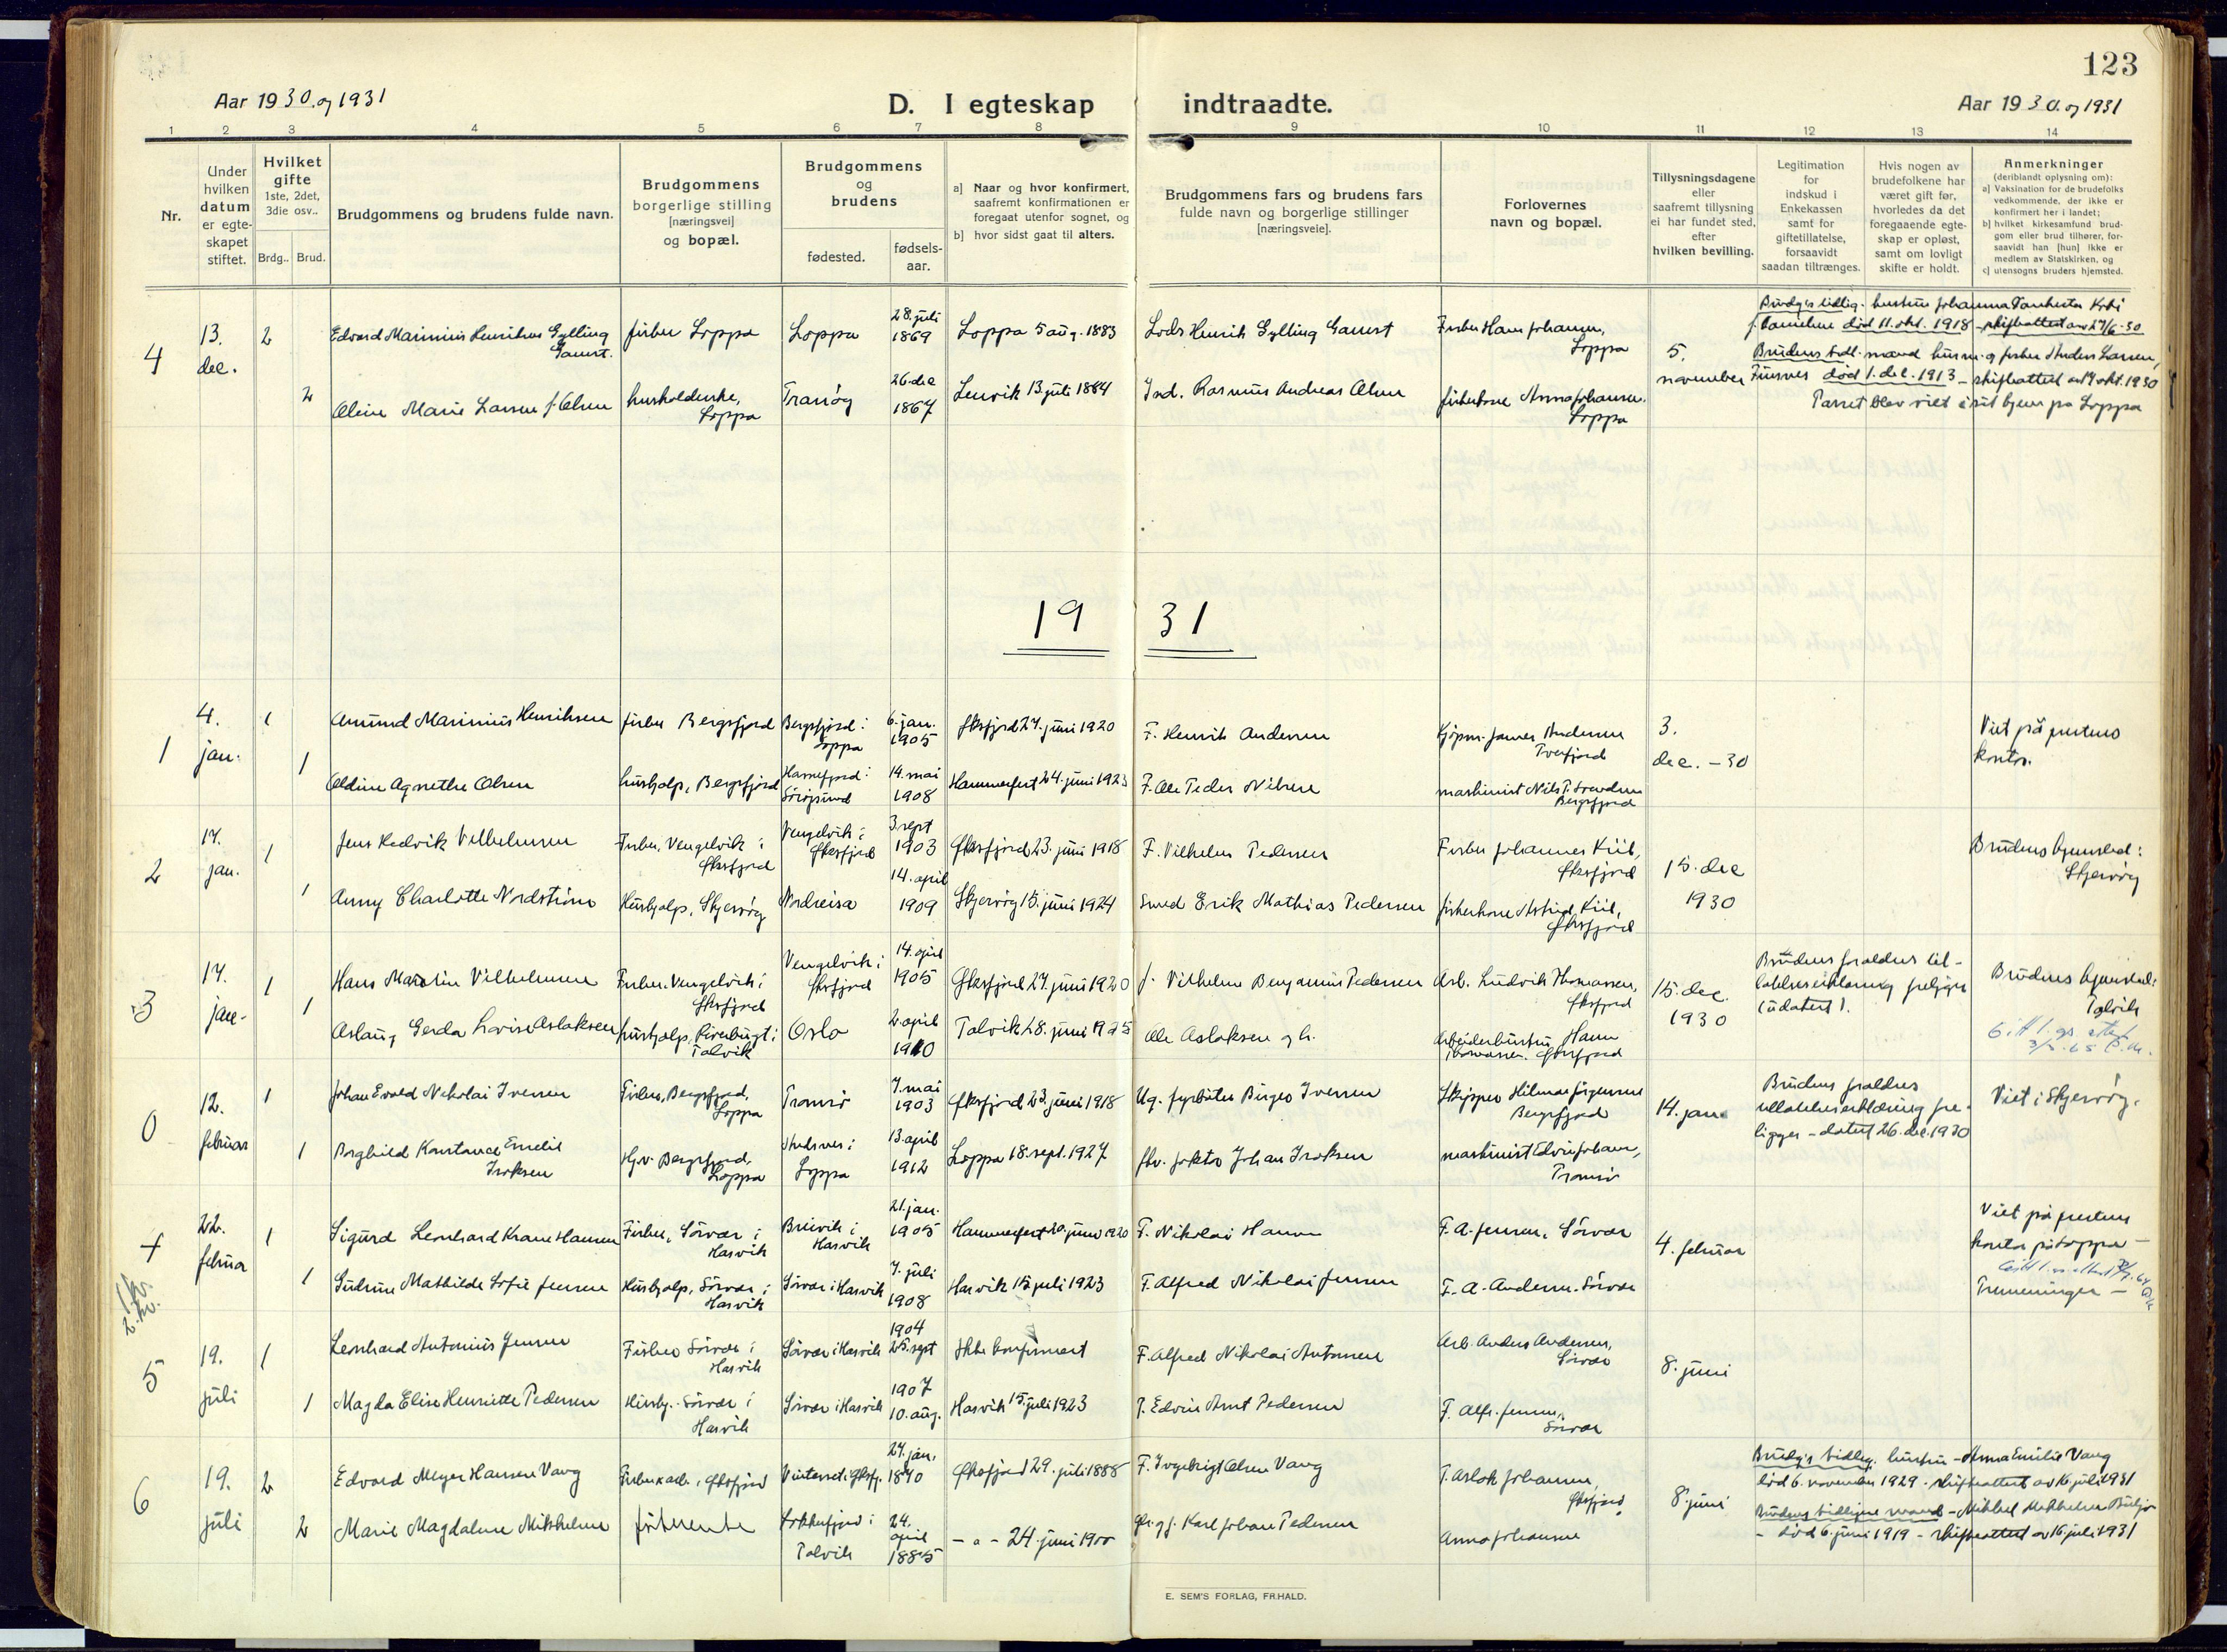 SATØ, Loppa sokneprestkontor, H/Ha/L0013kirke: Ministerialbok nr. 13, 1920-1932, s. 123